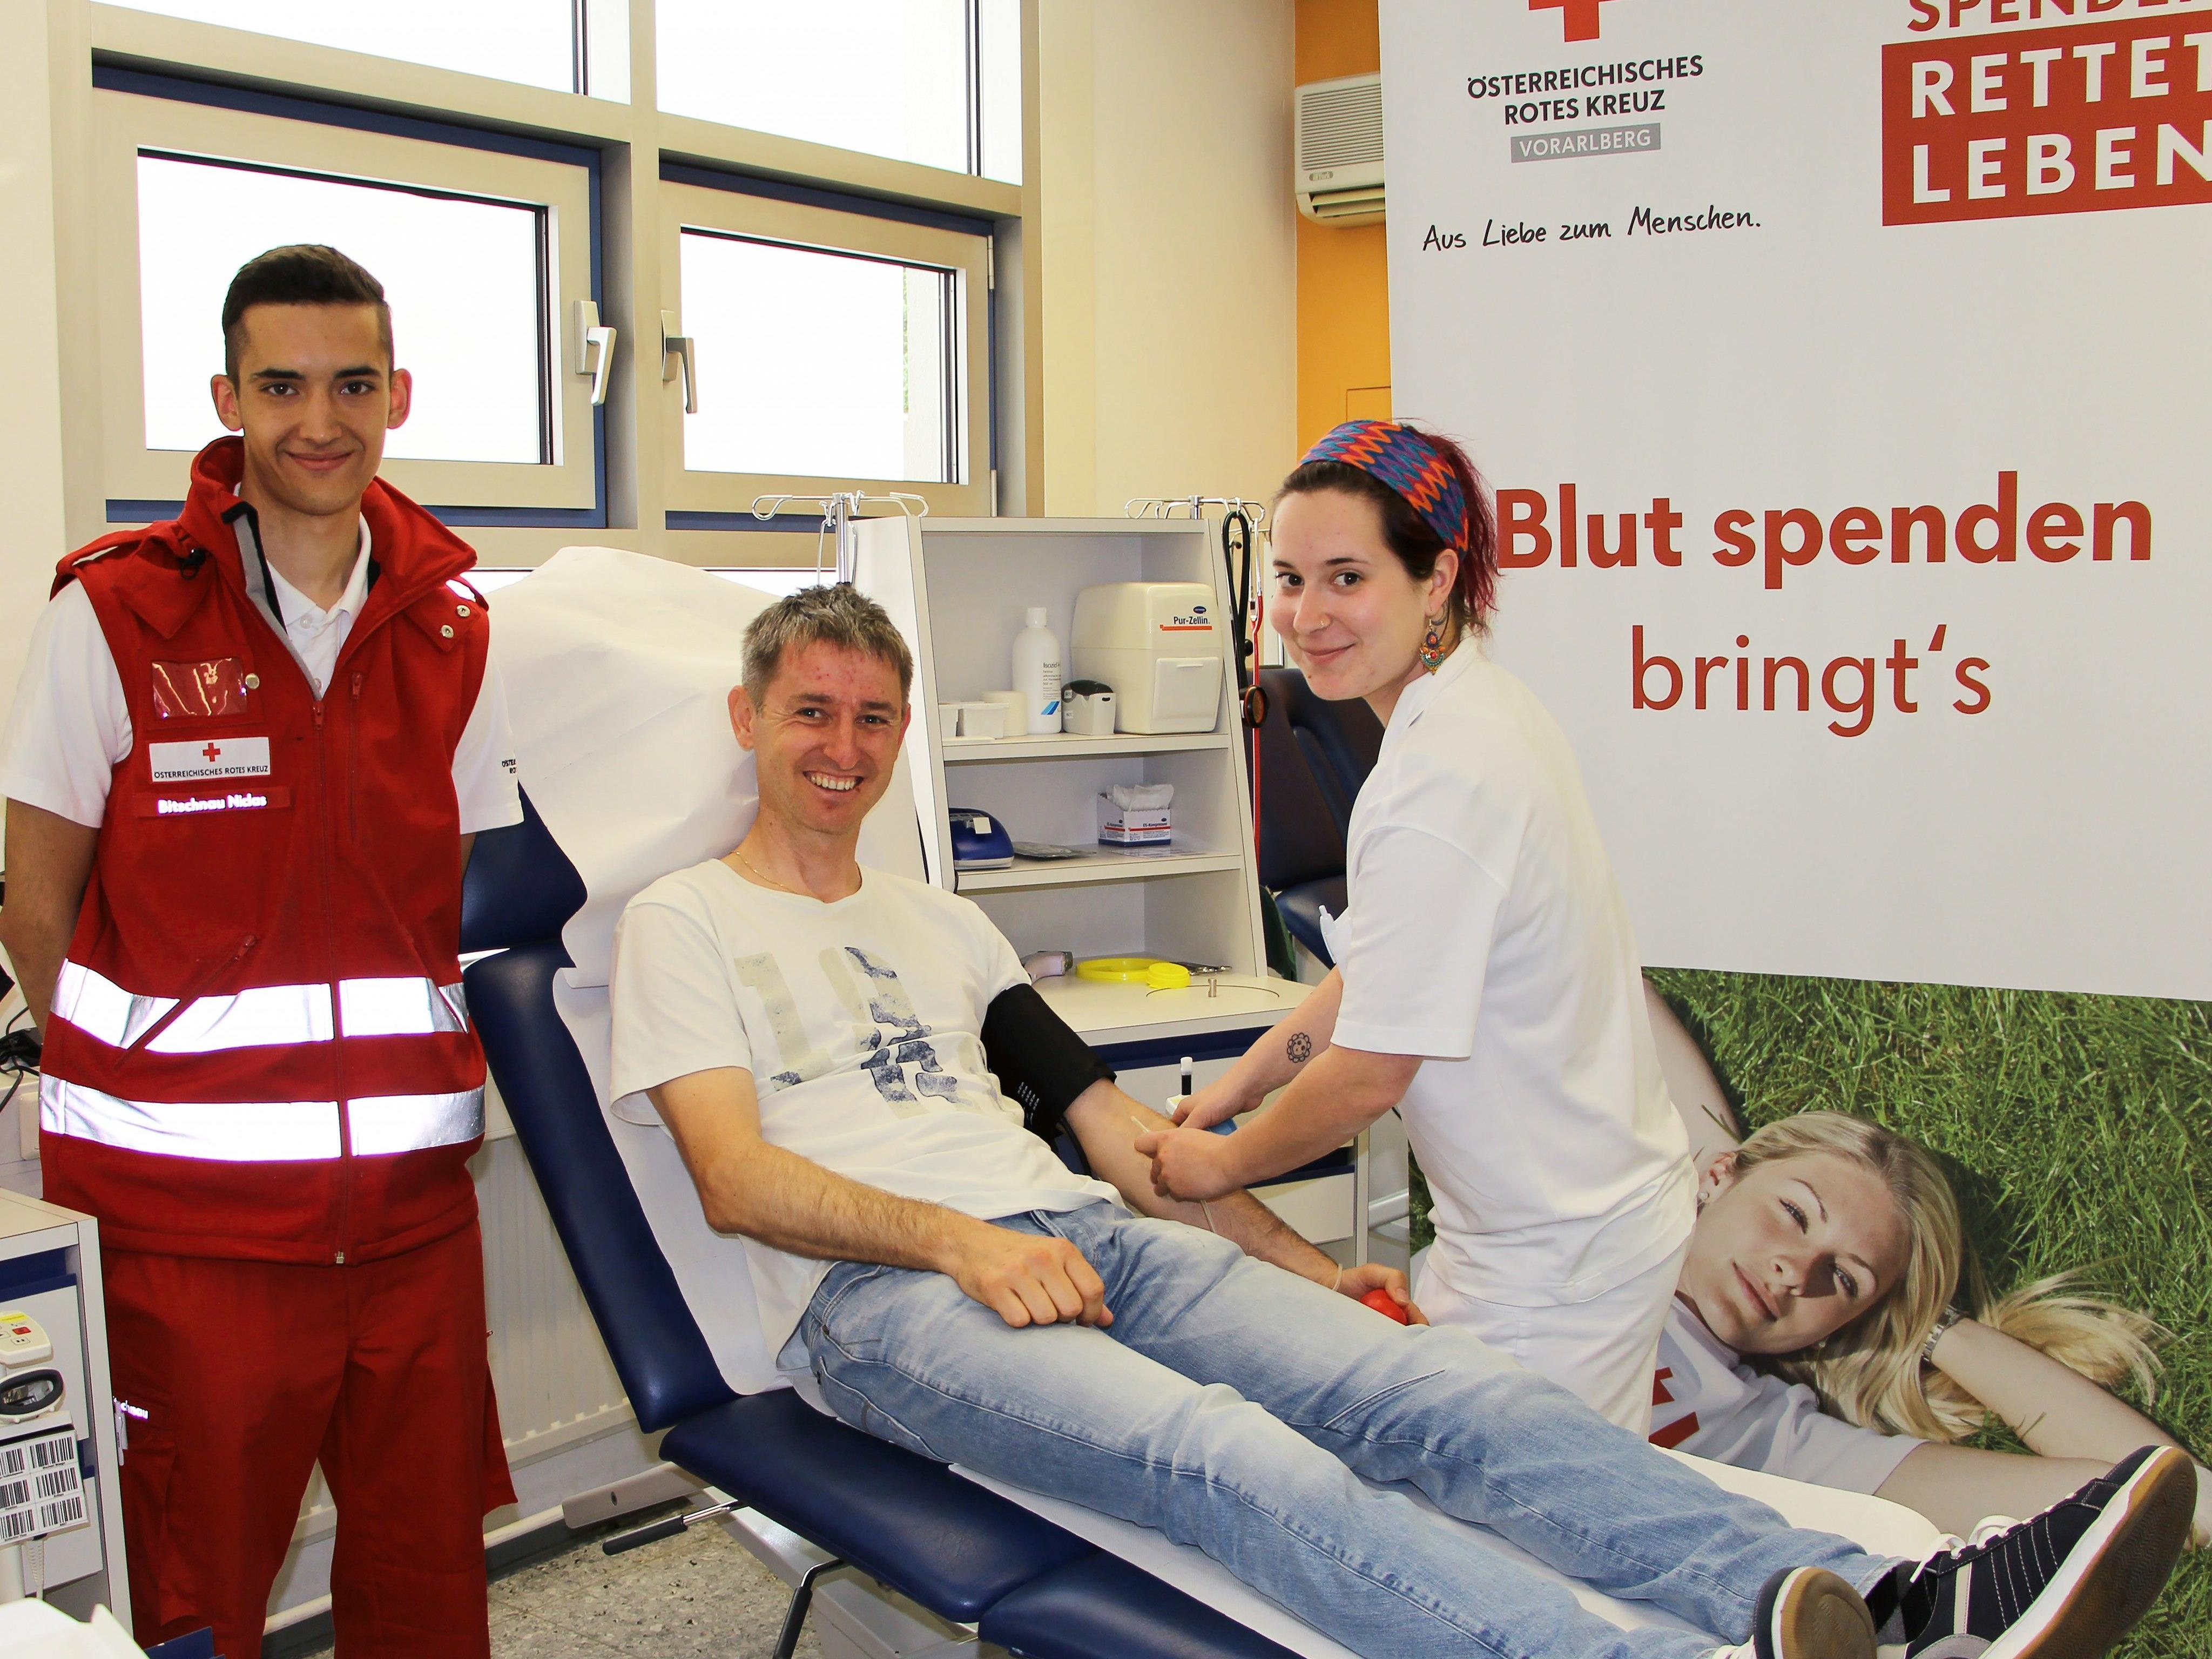 Die beiden Blutbank-Mitarbeiter Niclas Bitschnau (li.) und DGKS Sarah Morscher betreuen Elmar Böhler bei seiner Blutspende.